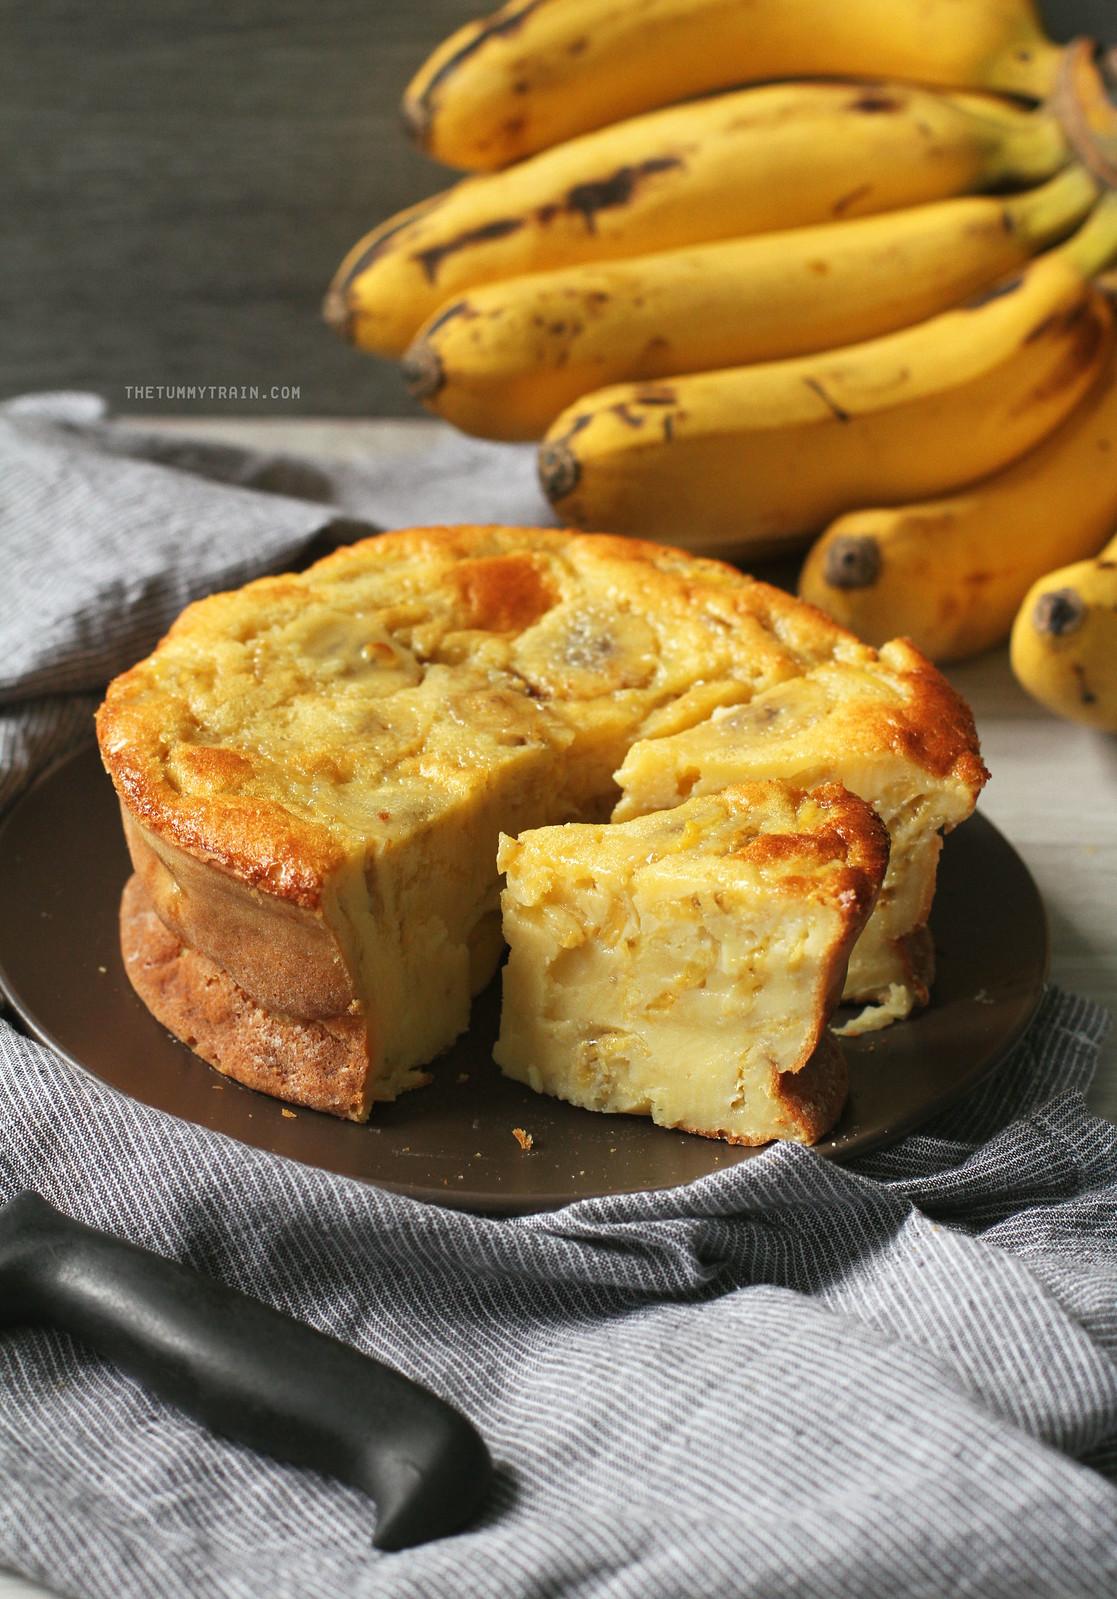 Vietnamese Banana Cake